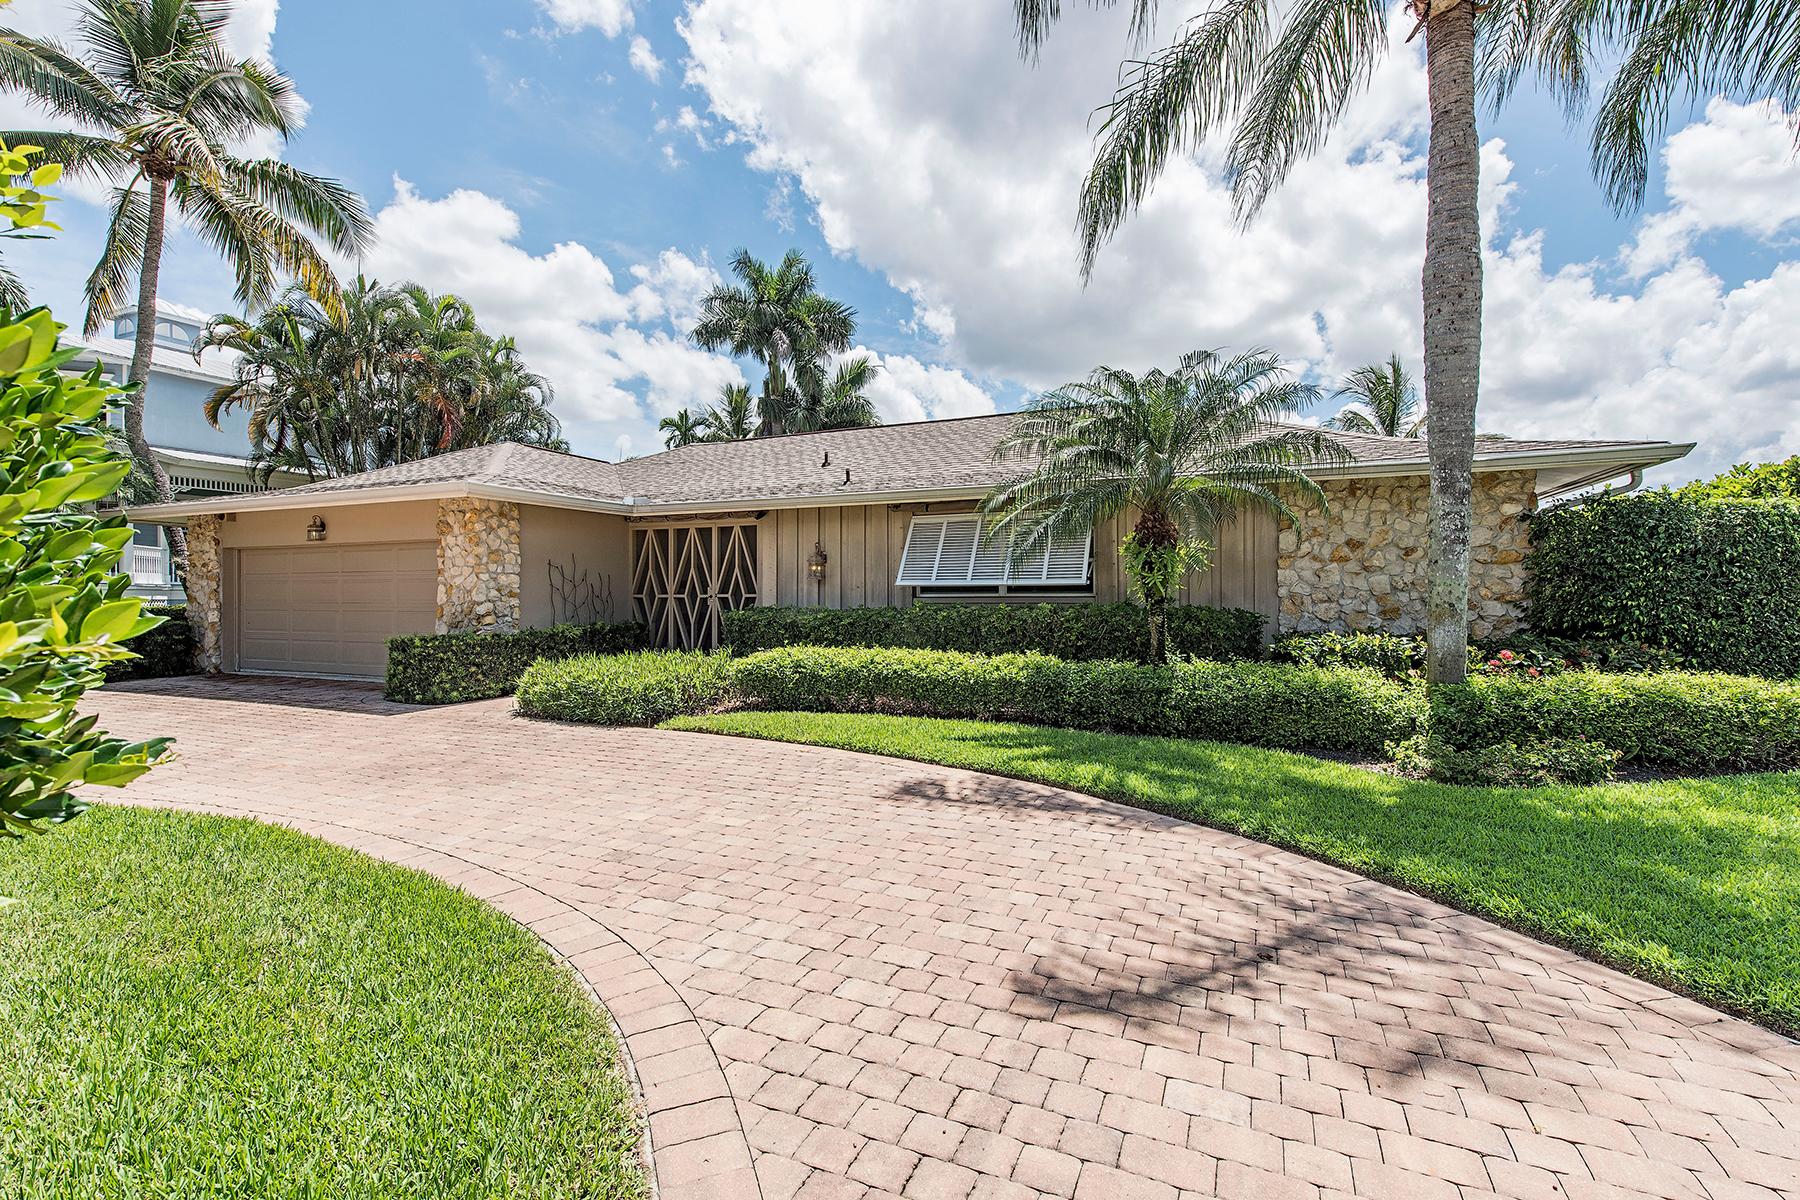 Villa per Vendita alle ore AQUALANE SHORES 1877 6th St S Naples, Florida 34102 Stati Uniti